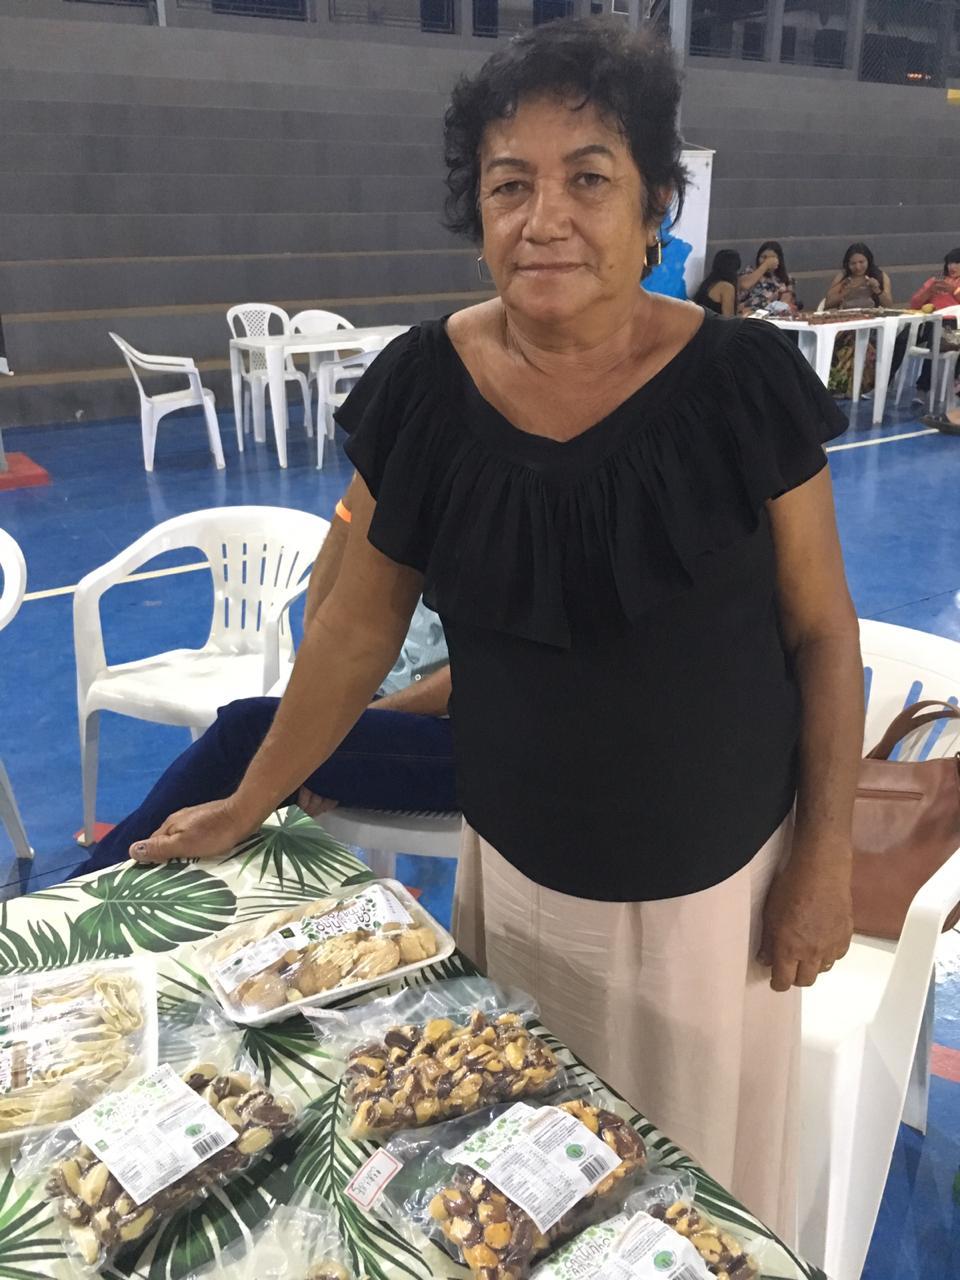 Foto 11_ Rute Aparecida participa na Associação de Mulheres Cantinho da Amazônia (AMCA). Foto_ Gesiel Souza de Holanda